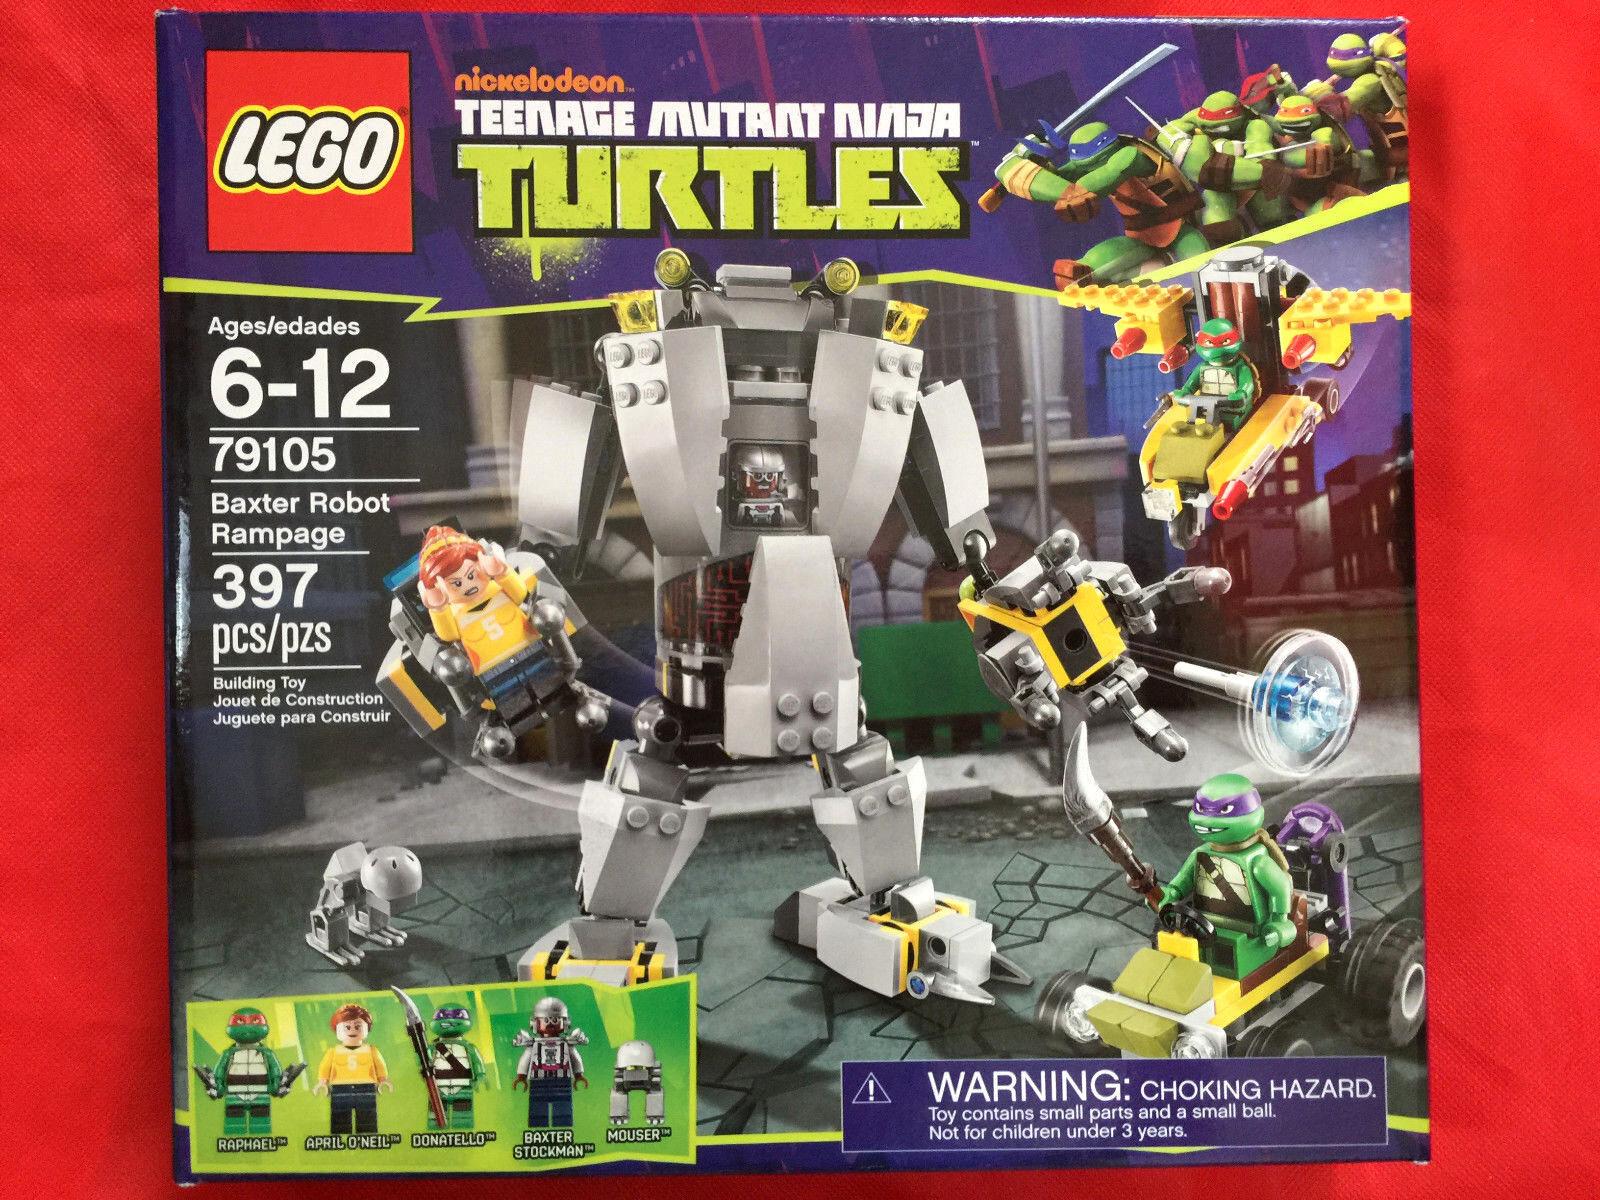 LEGO Teenage Mutant Ninja Ninja Ninja Turtles TMNT BAXTER ROBOT RAMPAGE 79105 NEW SEALED bdc601